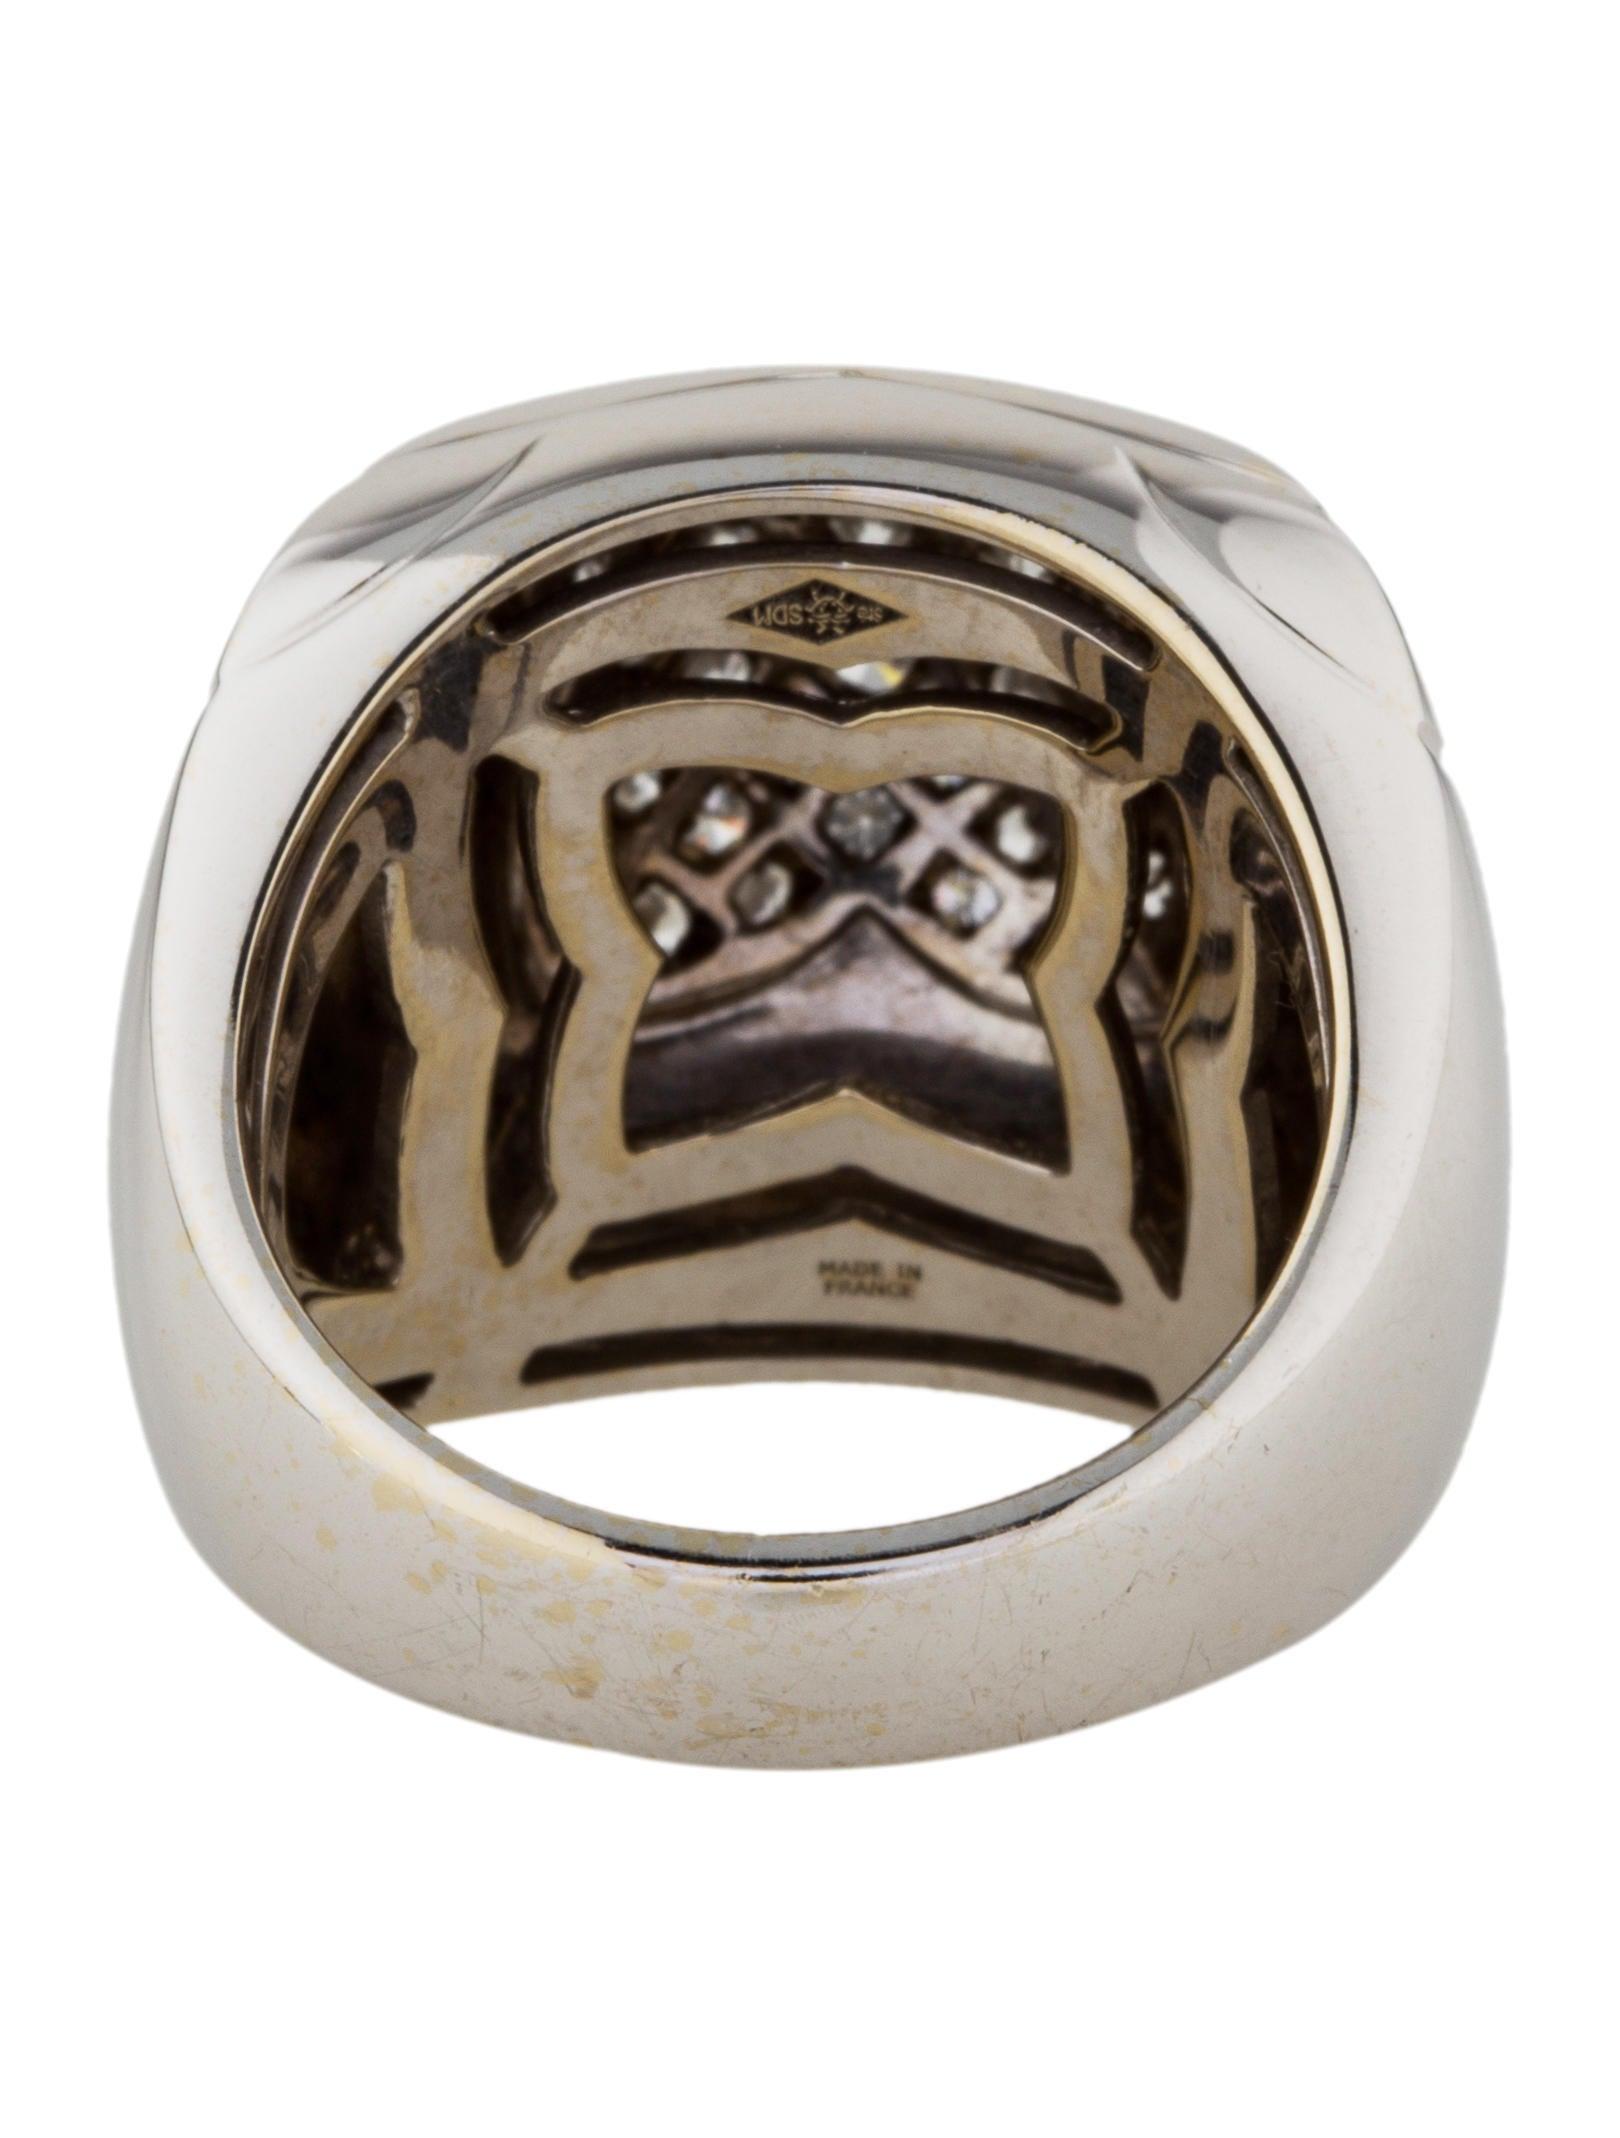 bvlgari 18k pyramide ring rings bul26370 the